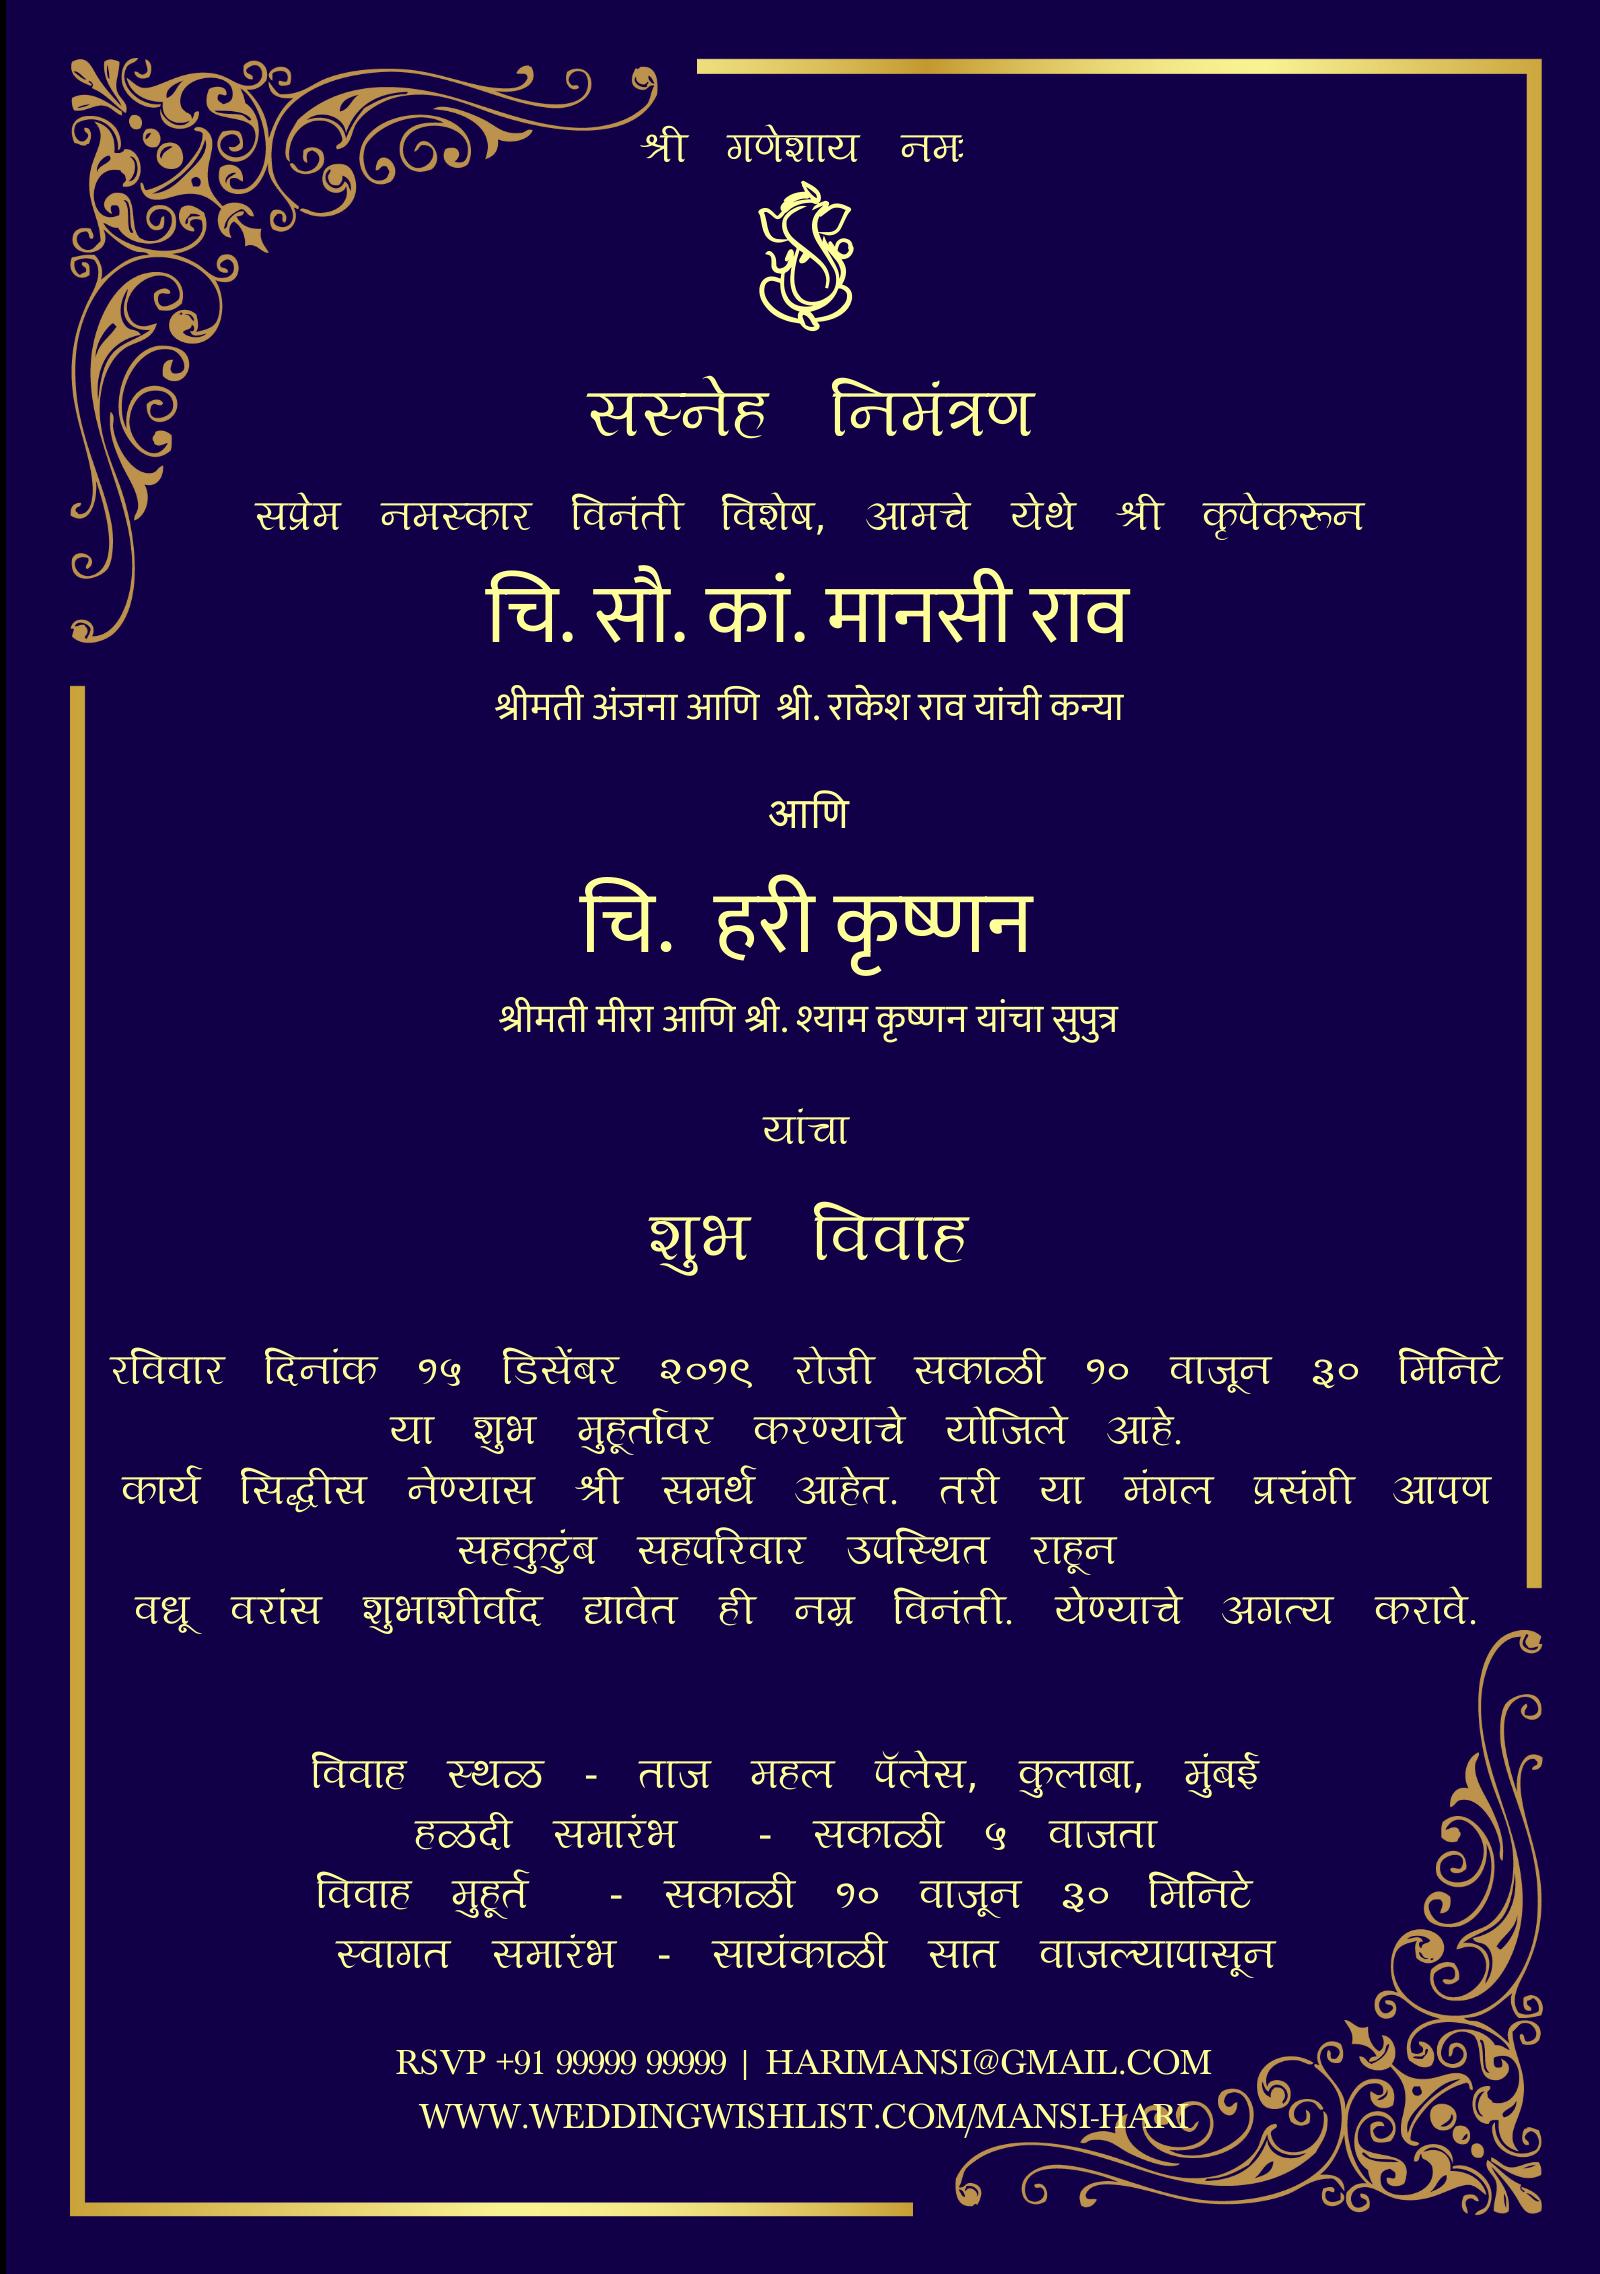 invitation card format